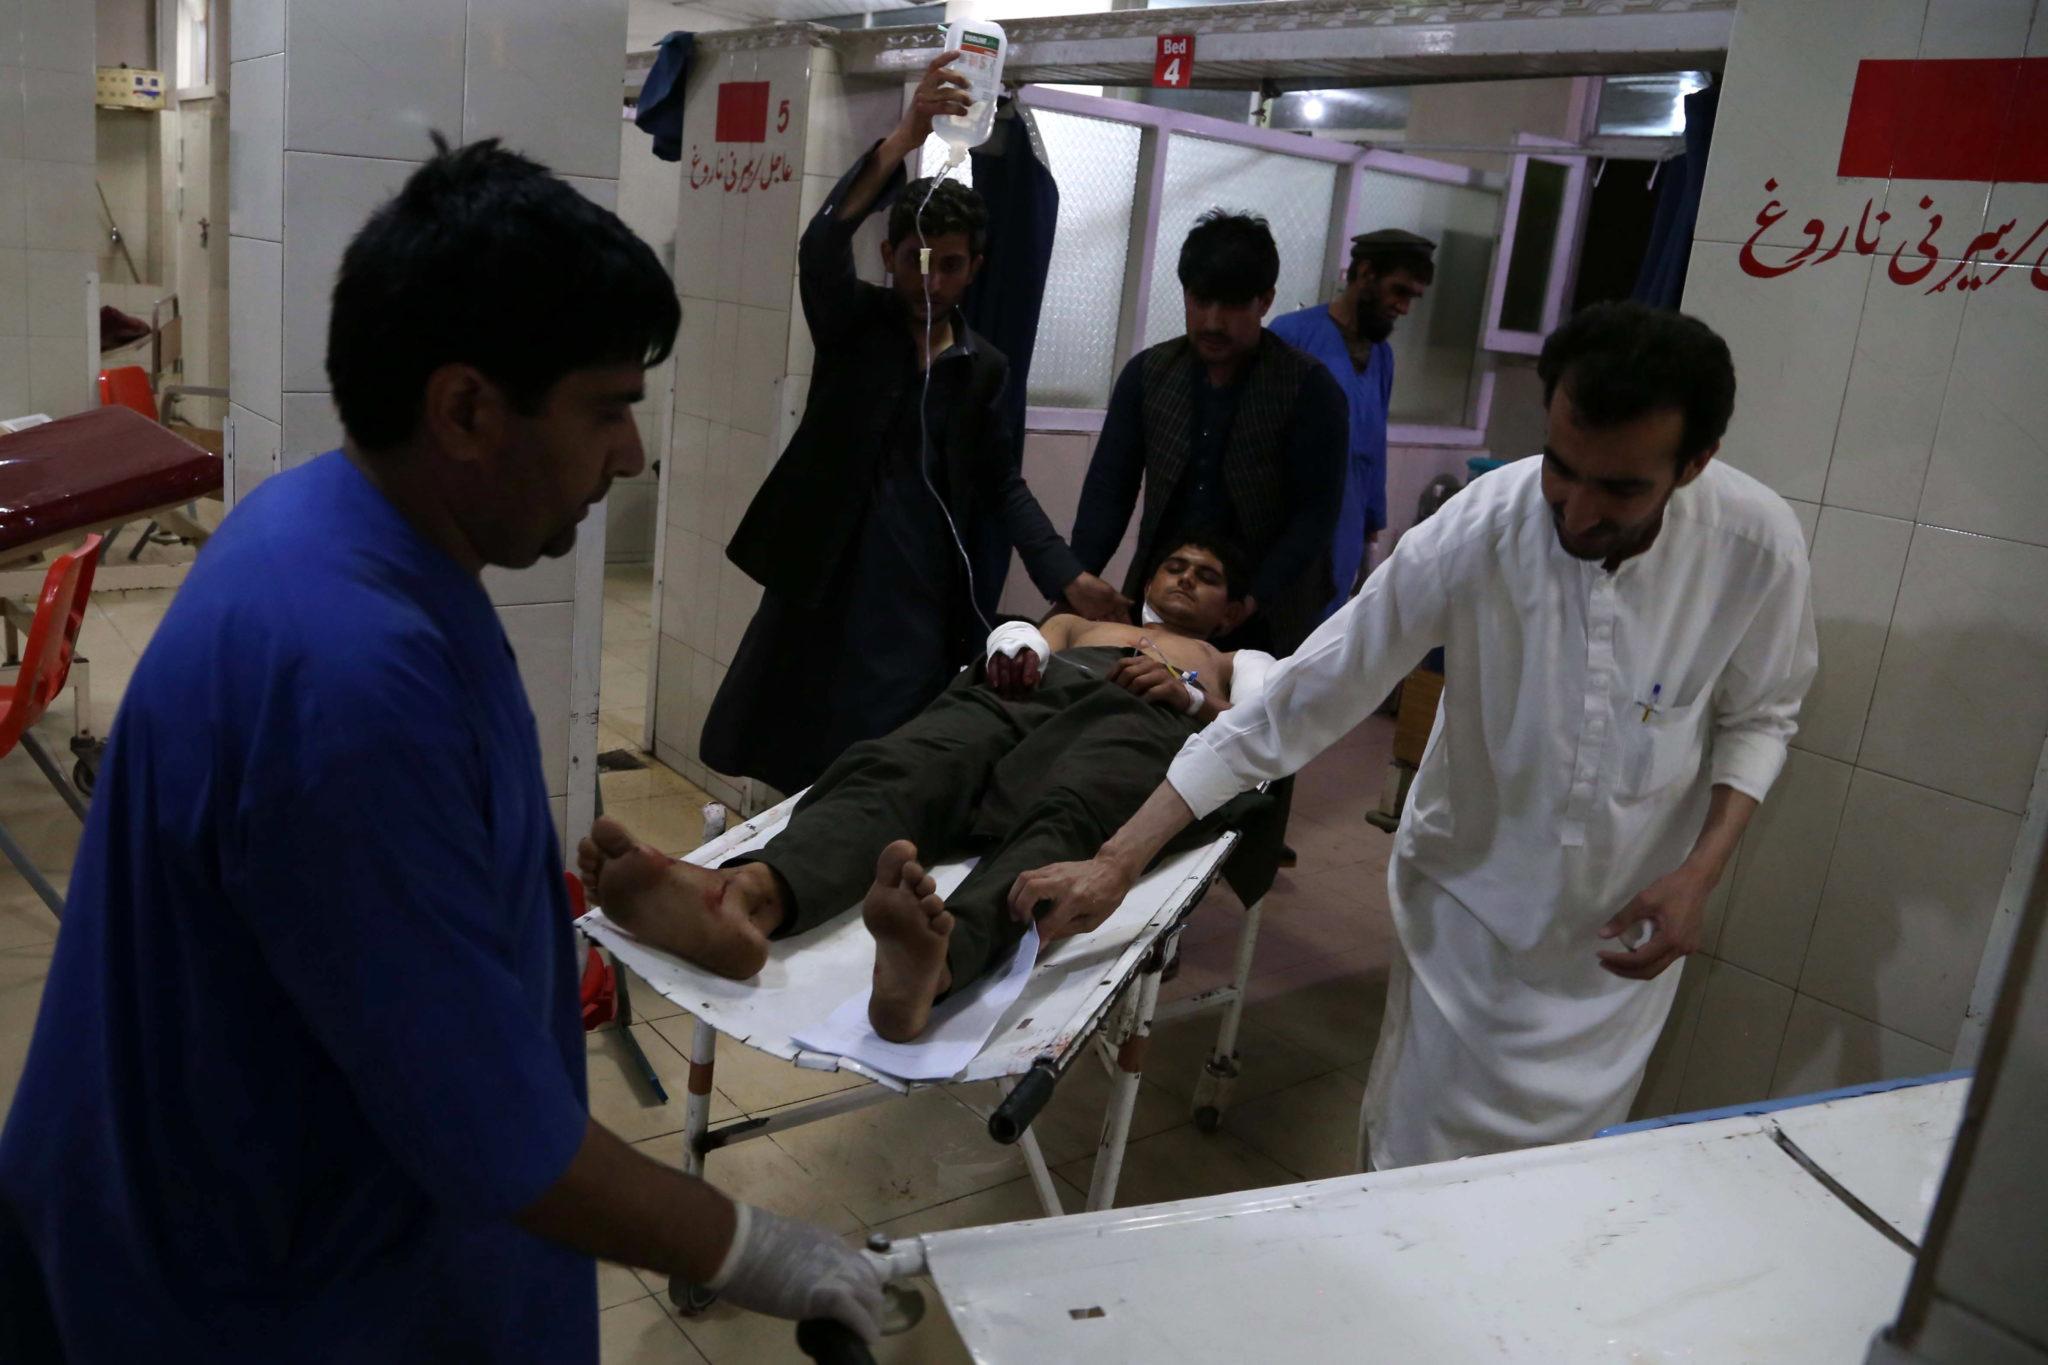 Afganistan: ranni w wybuchu bomby w samochodzie - pułapce otrzymują pomoc w szpitalu w Dżalalabadzie, fot. GHULAMULLAH HABIB, PAP/EPA